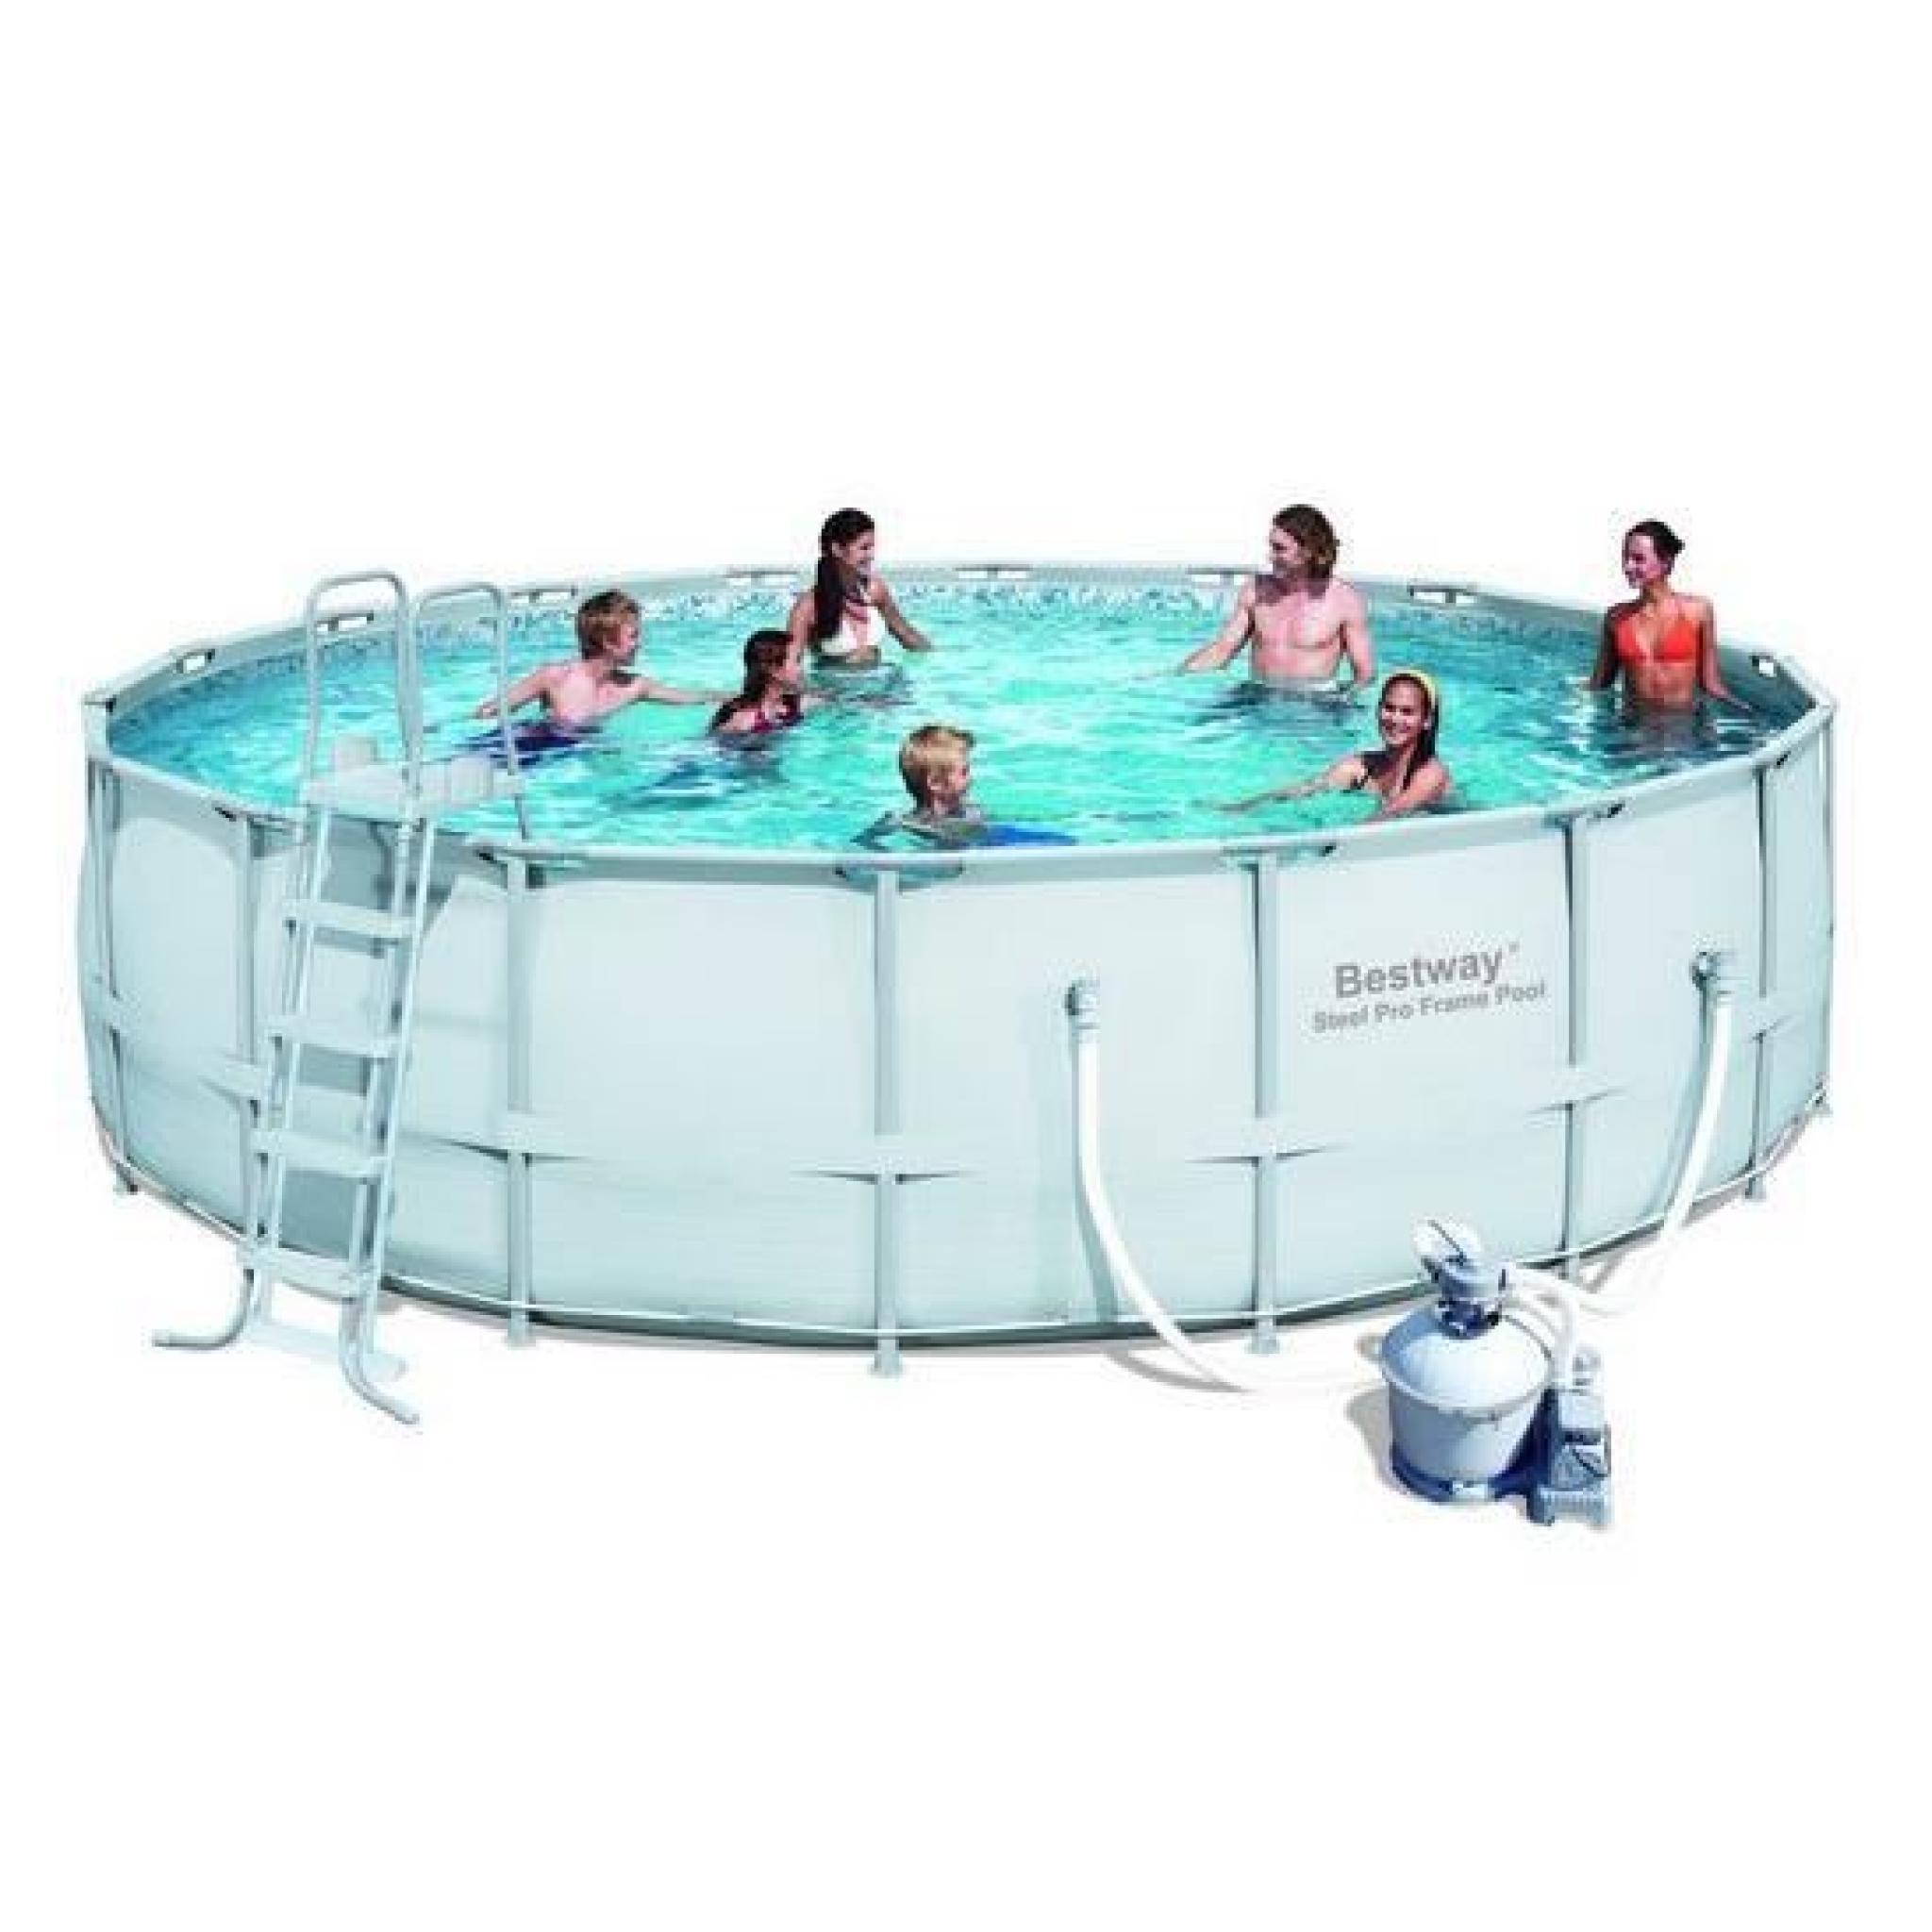 piscine tubulaire ronde power steel frame pool 549 x 132. Black Bedroom Furniture Sets. Home Design Ideas